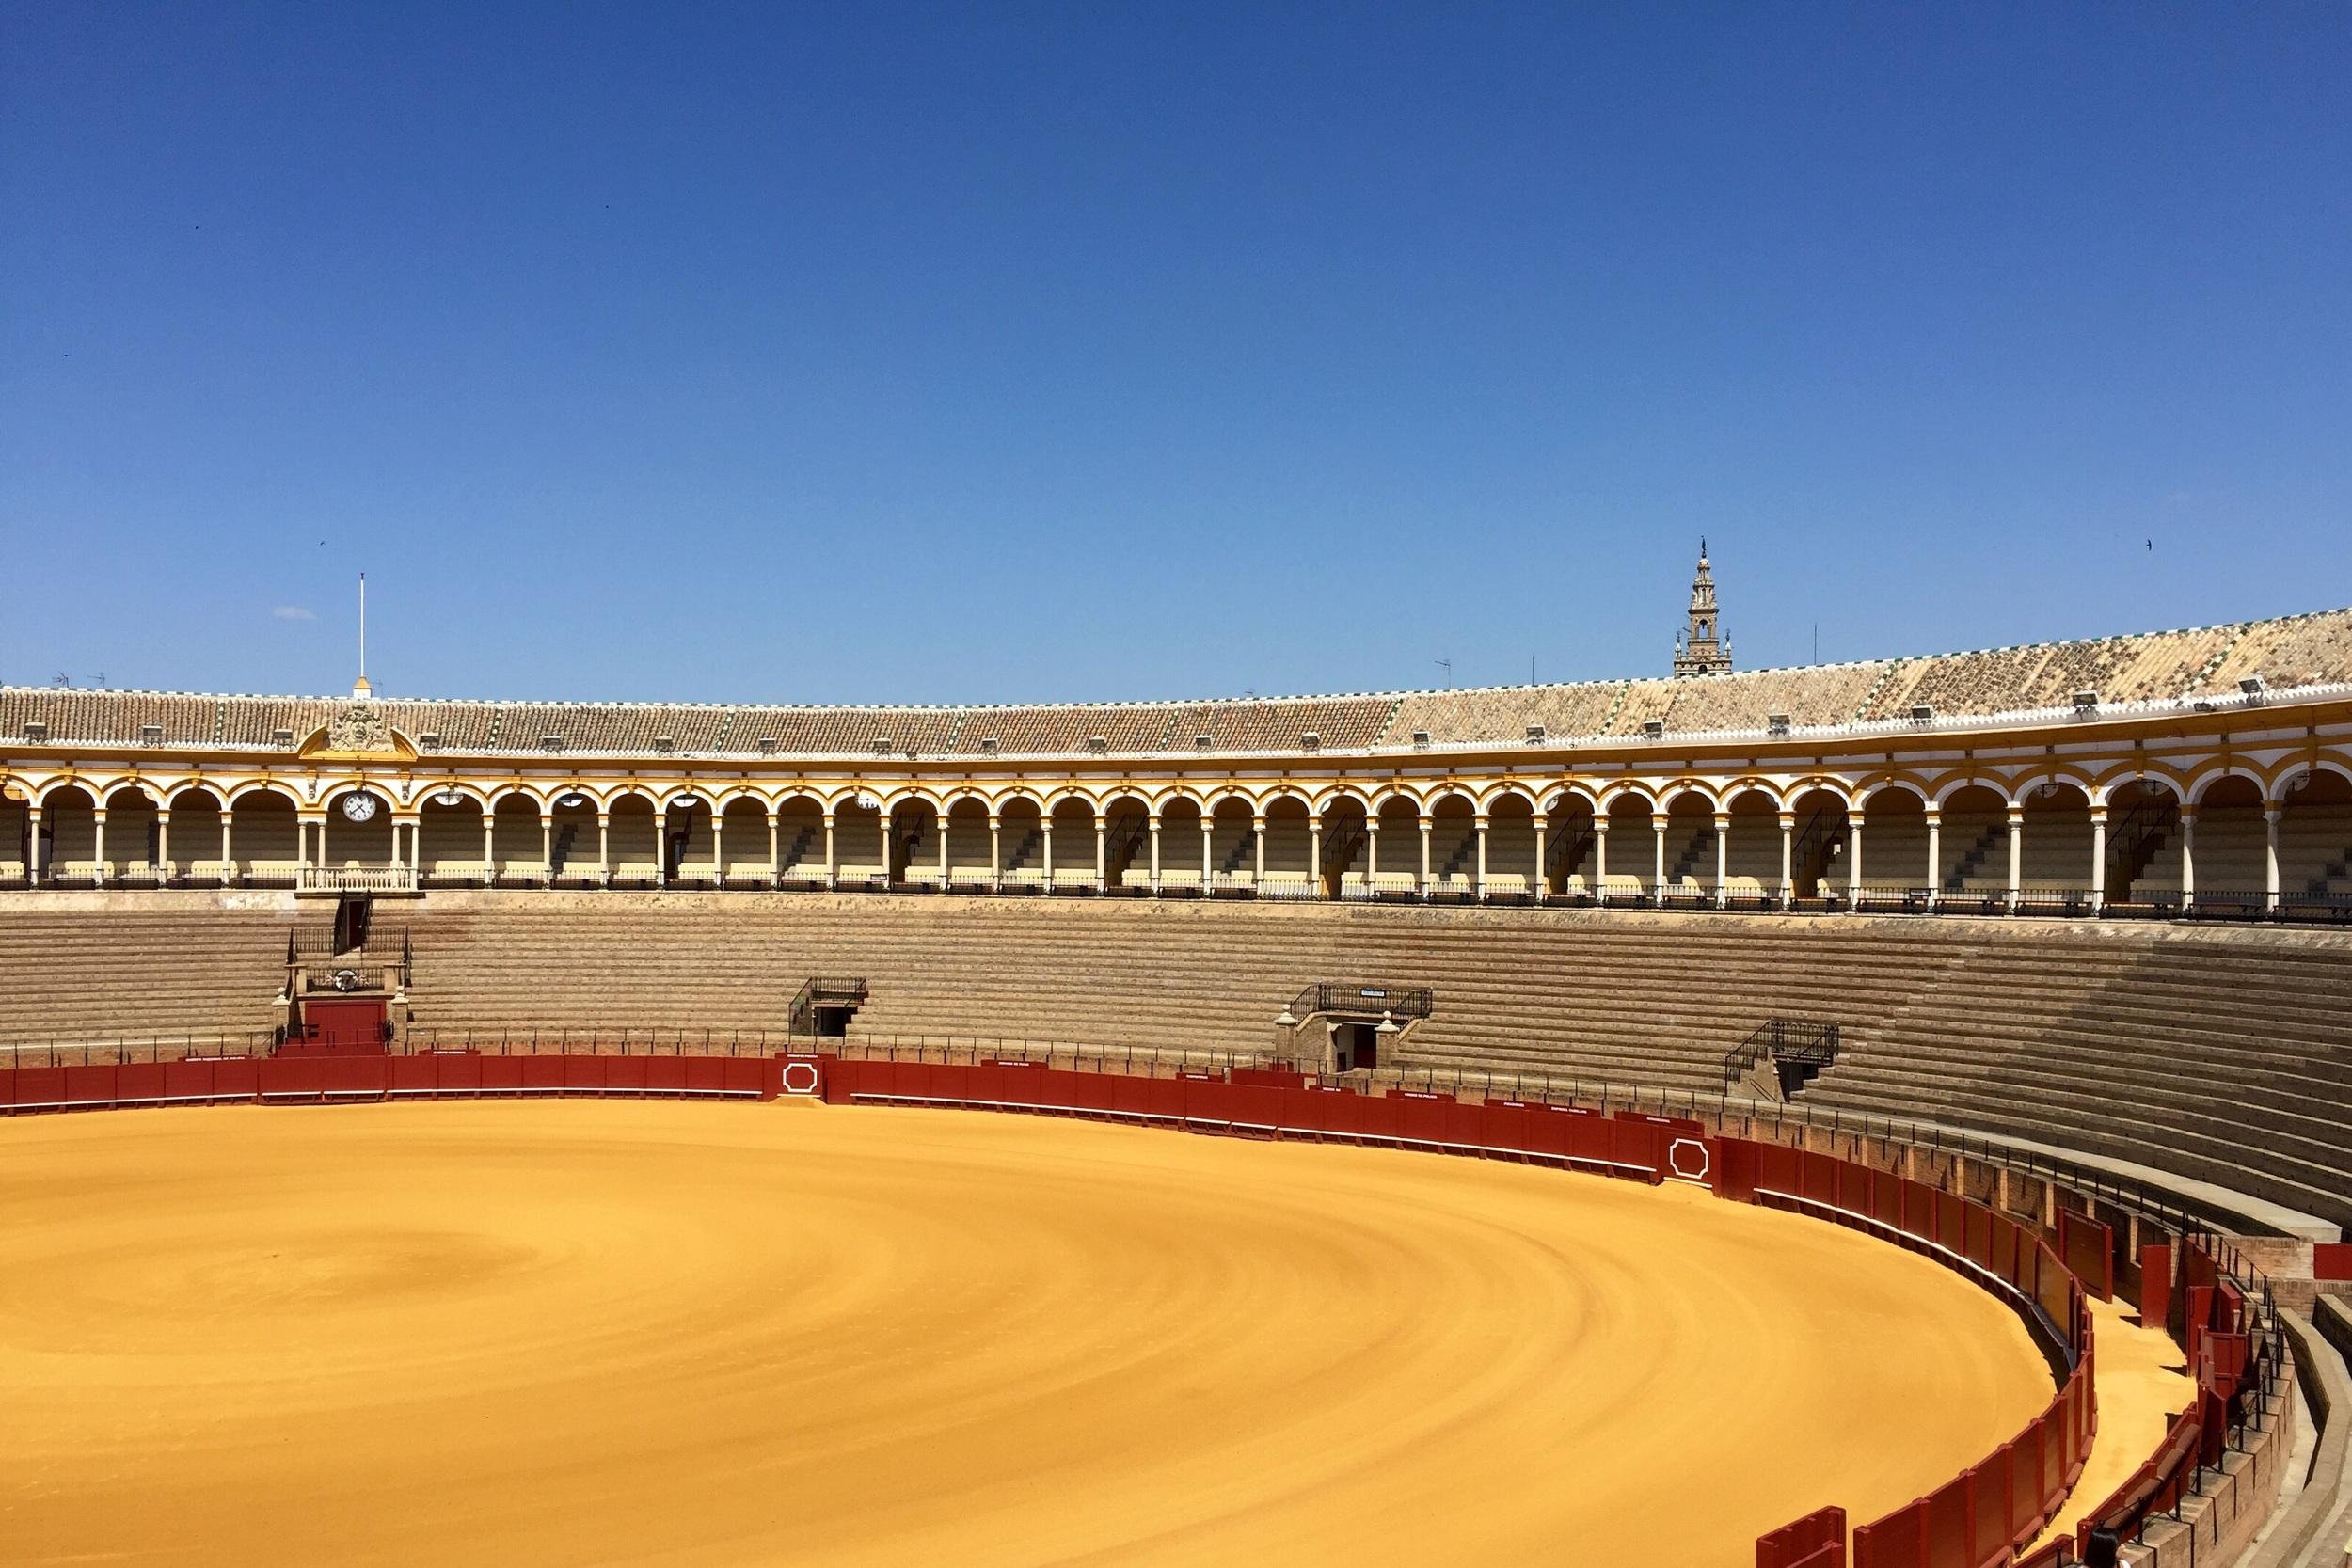 Bull ring in Sevilla